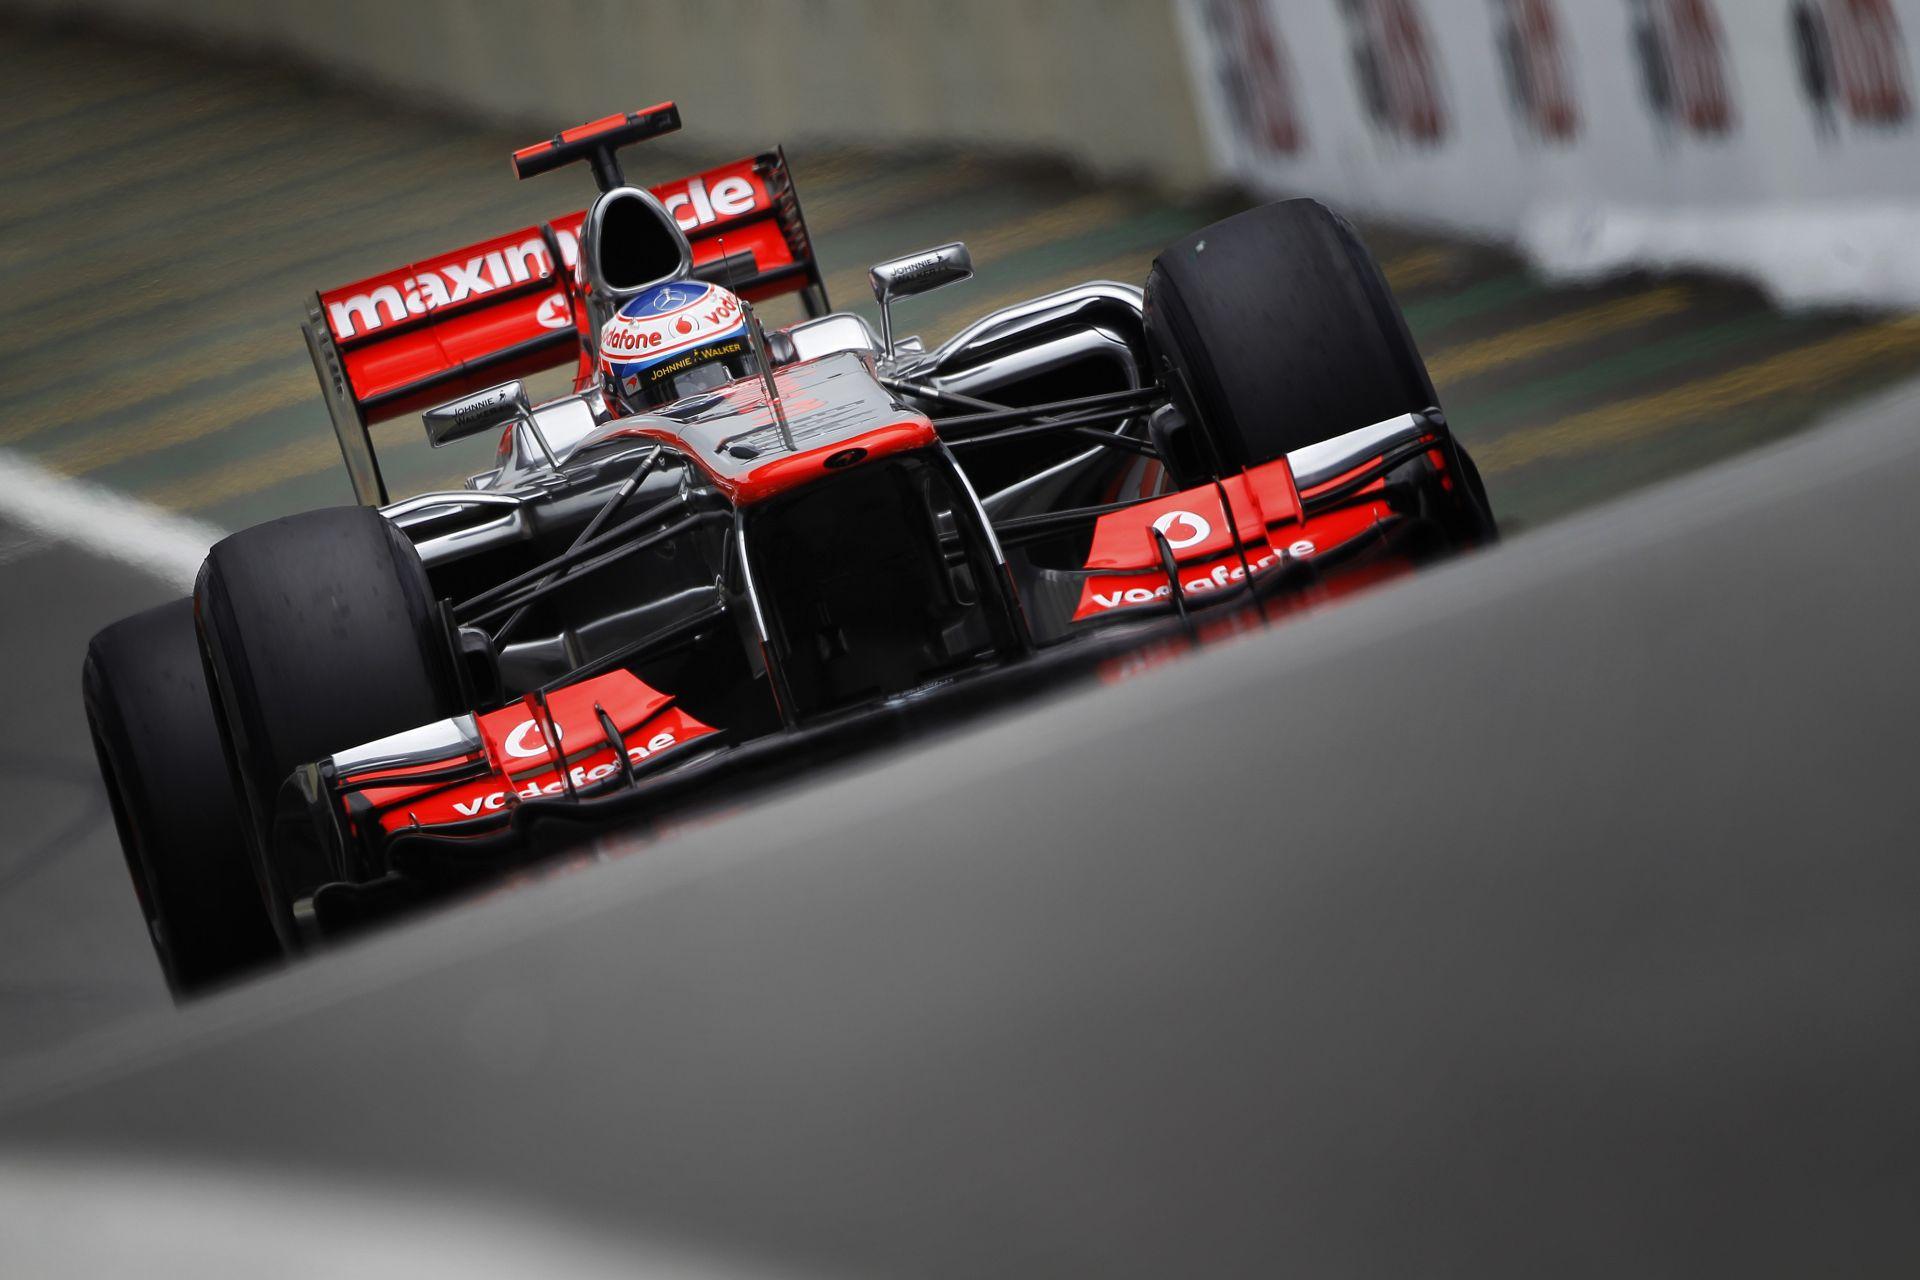 Kellemetlen: A McLaren 2012 óta nem nyert futamot a Forma-1-ben…